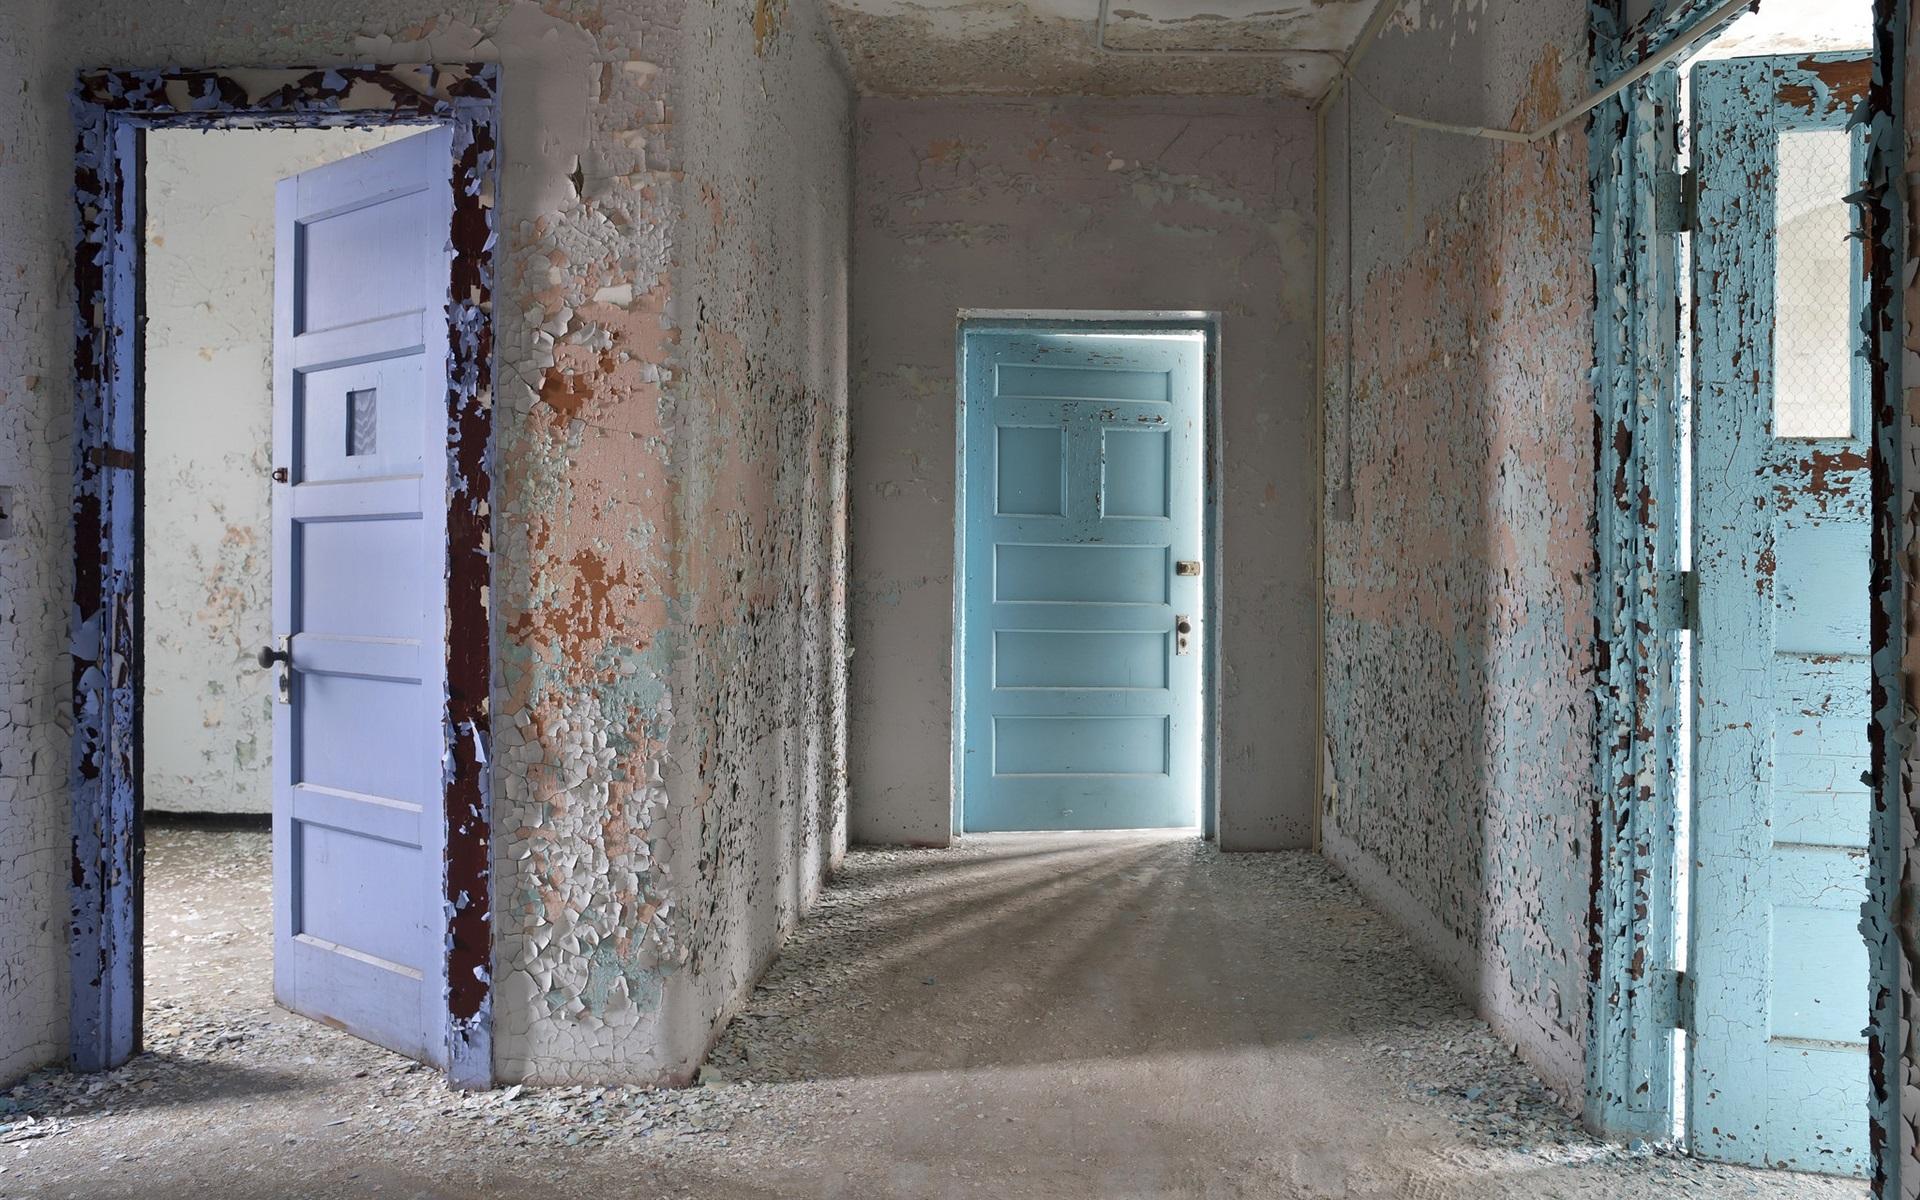 壁紙 部屋 ドア ほこり 1920x1200 Hd 無料のデスクトップの背景 画像